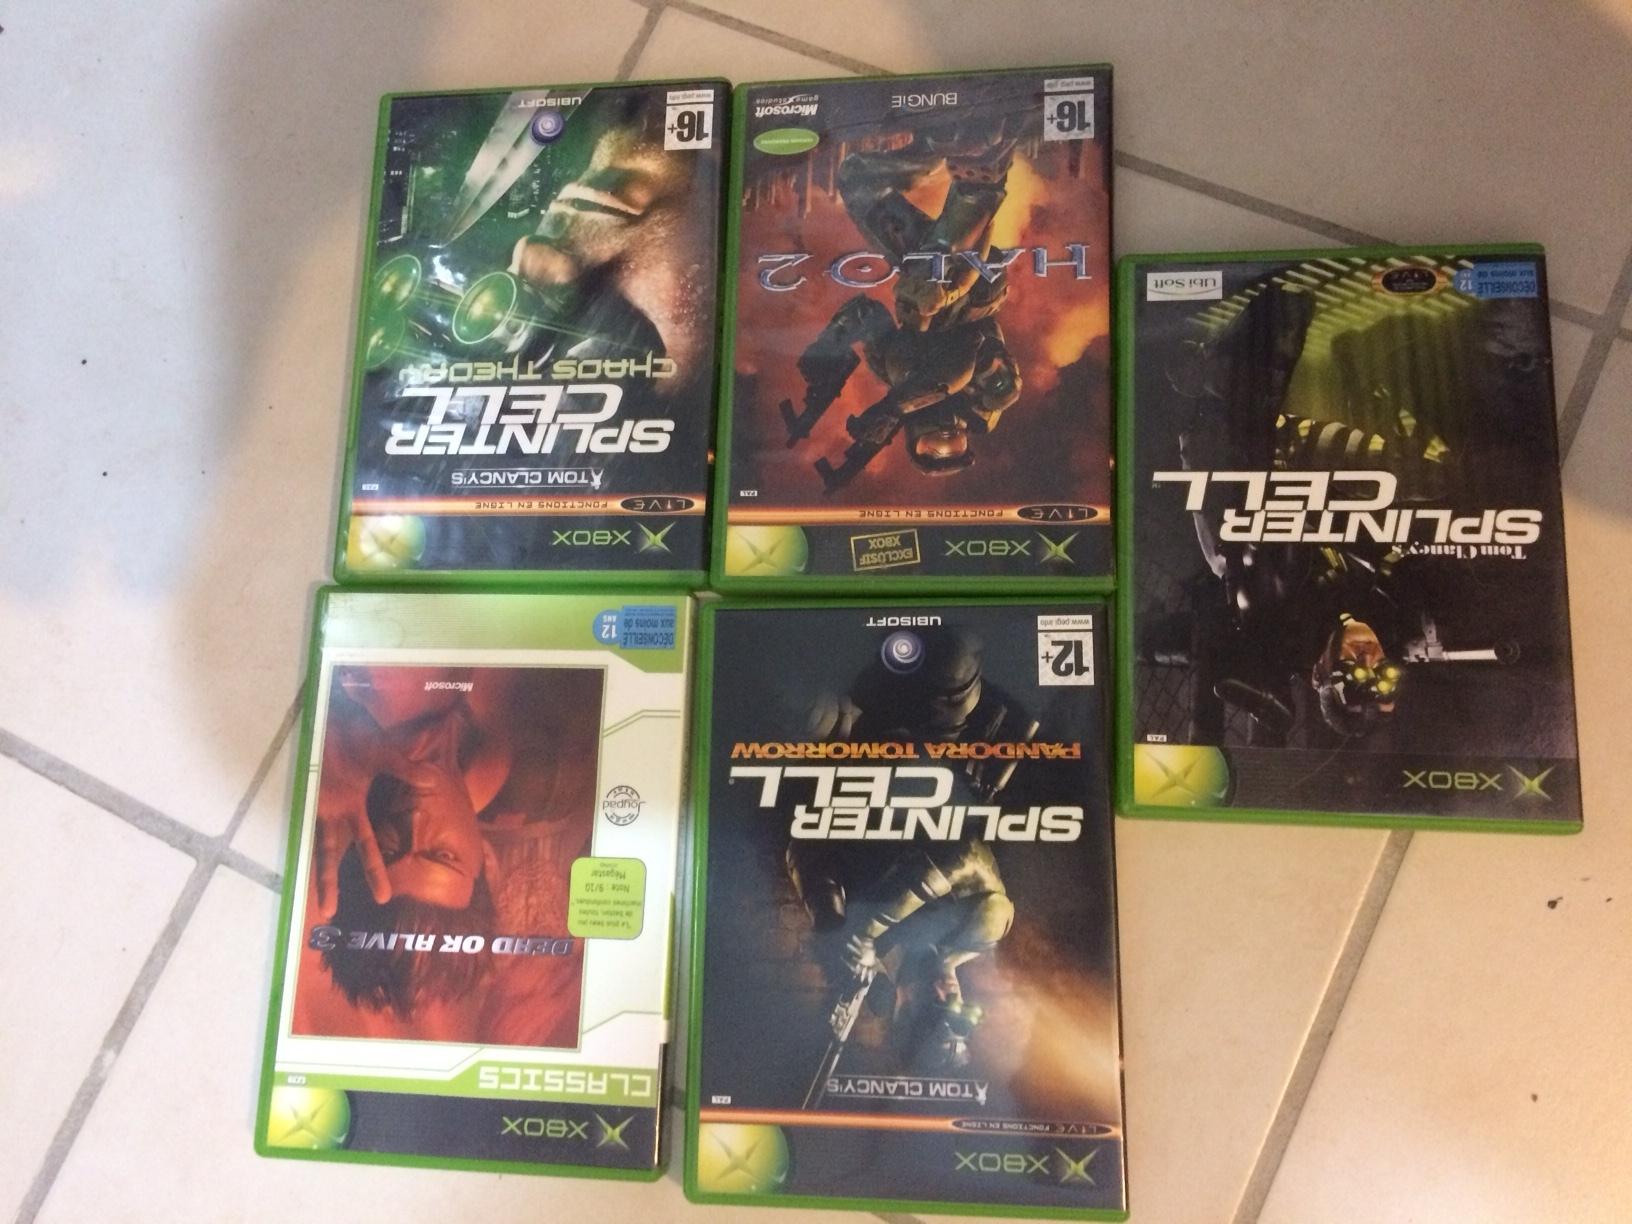 [VDS] Xbox première génération en boîte + nombreux accessoires + jeux 181012074101410864